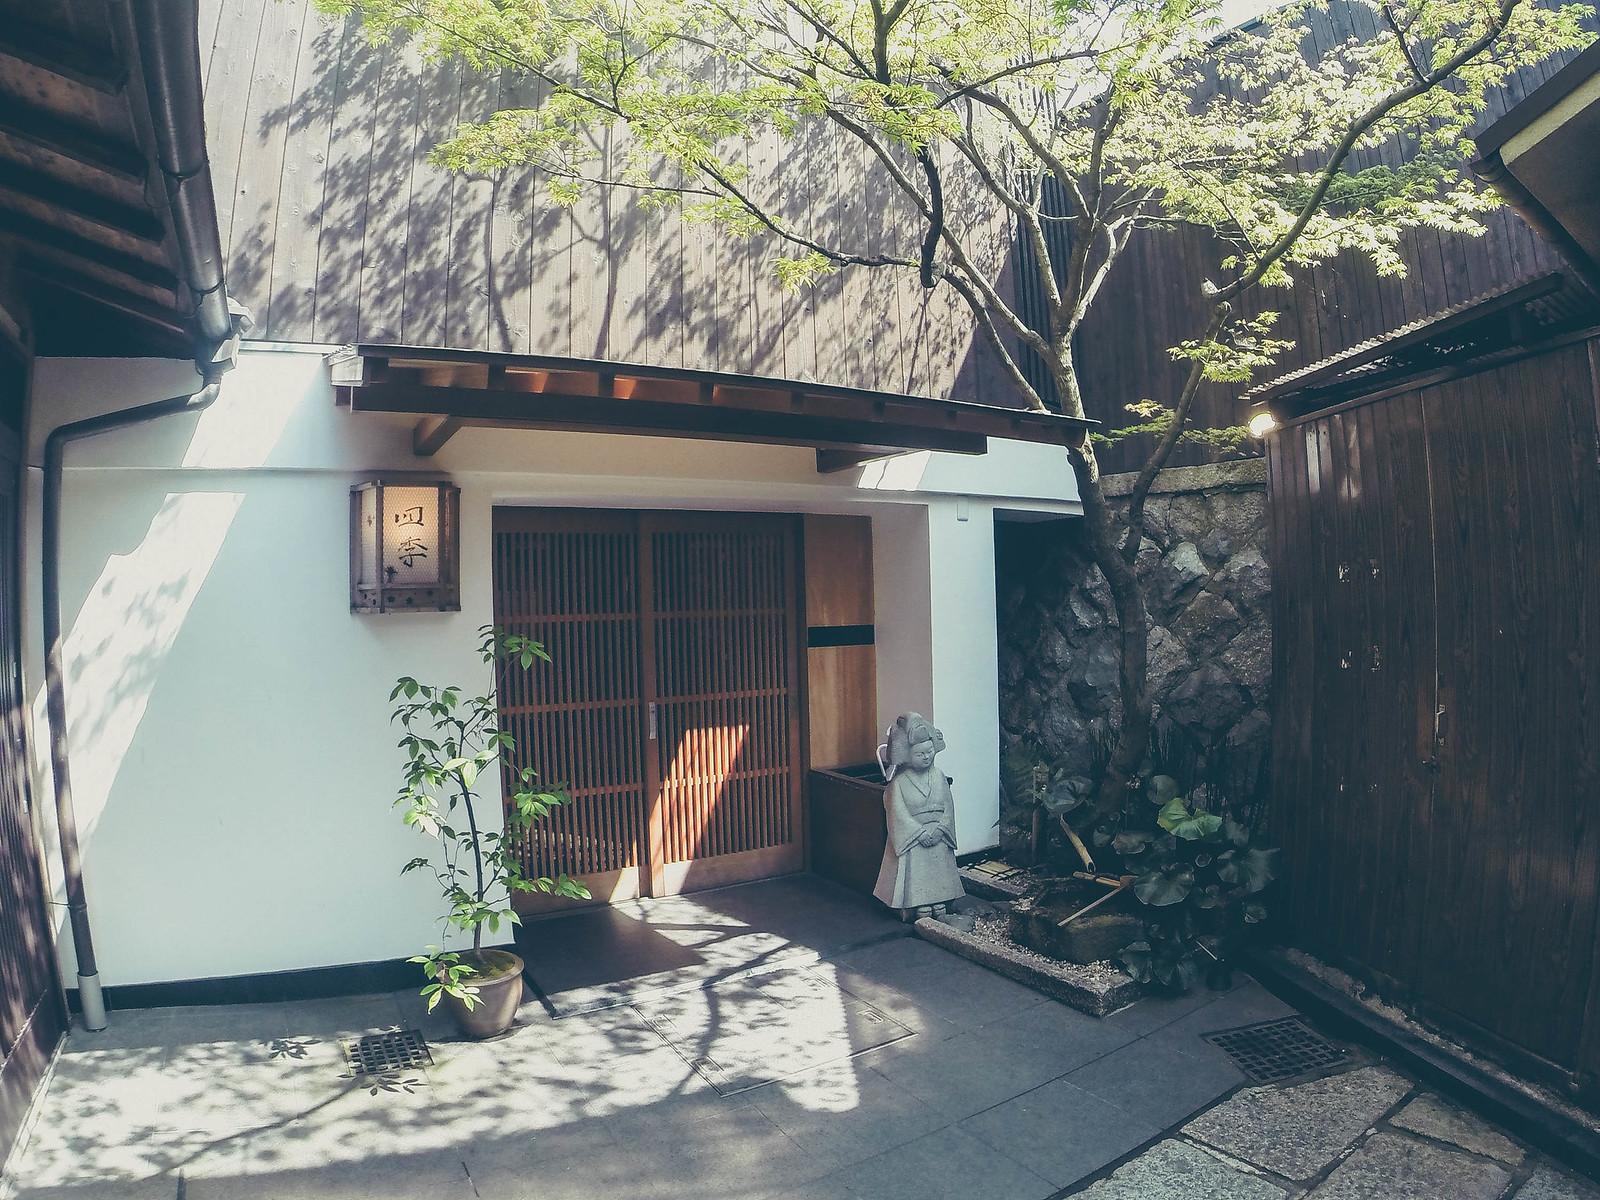 at Studio Shiki Maiko Henshin in Kyoto